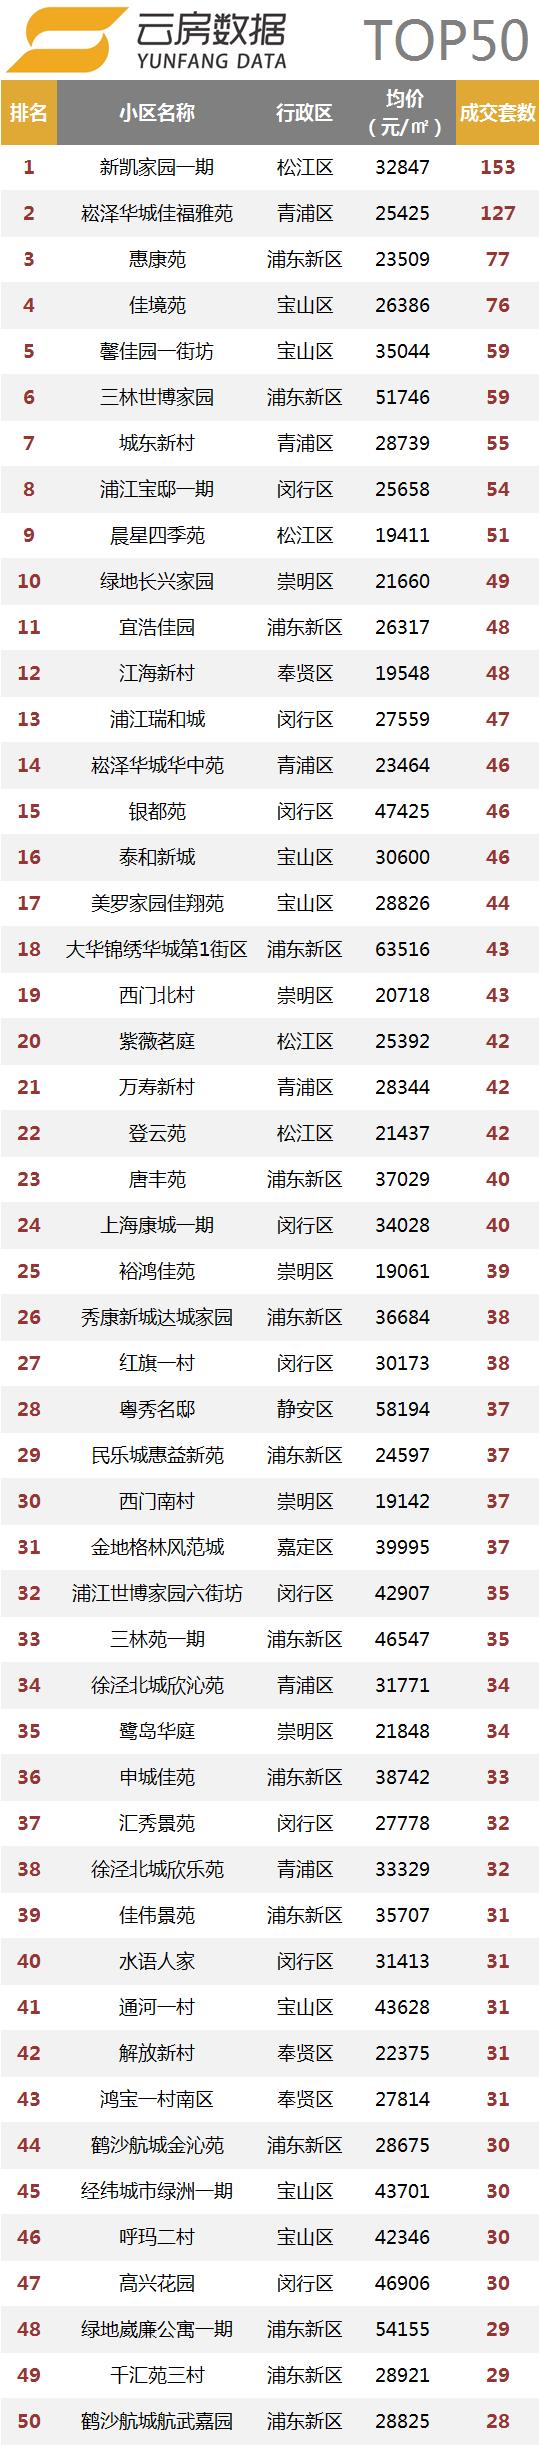 小区top50.png